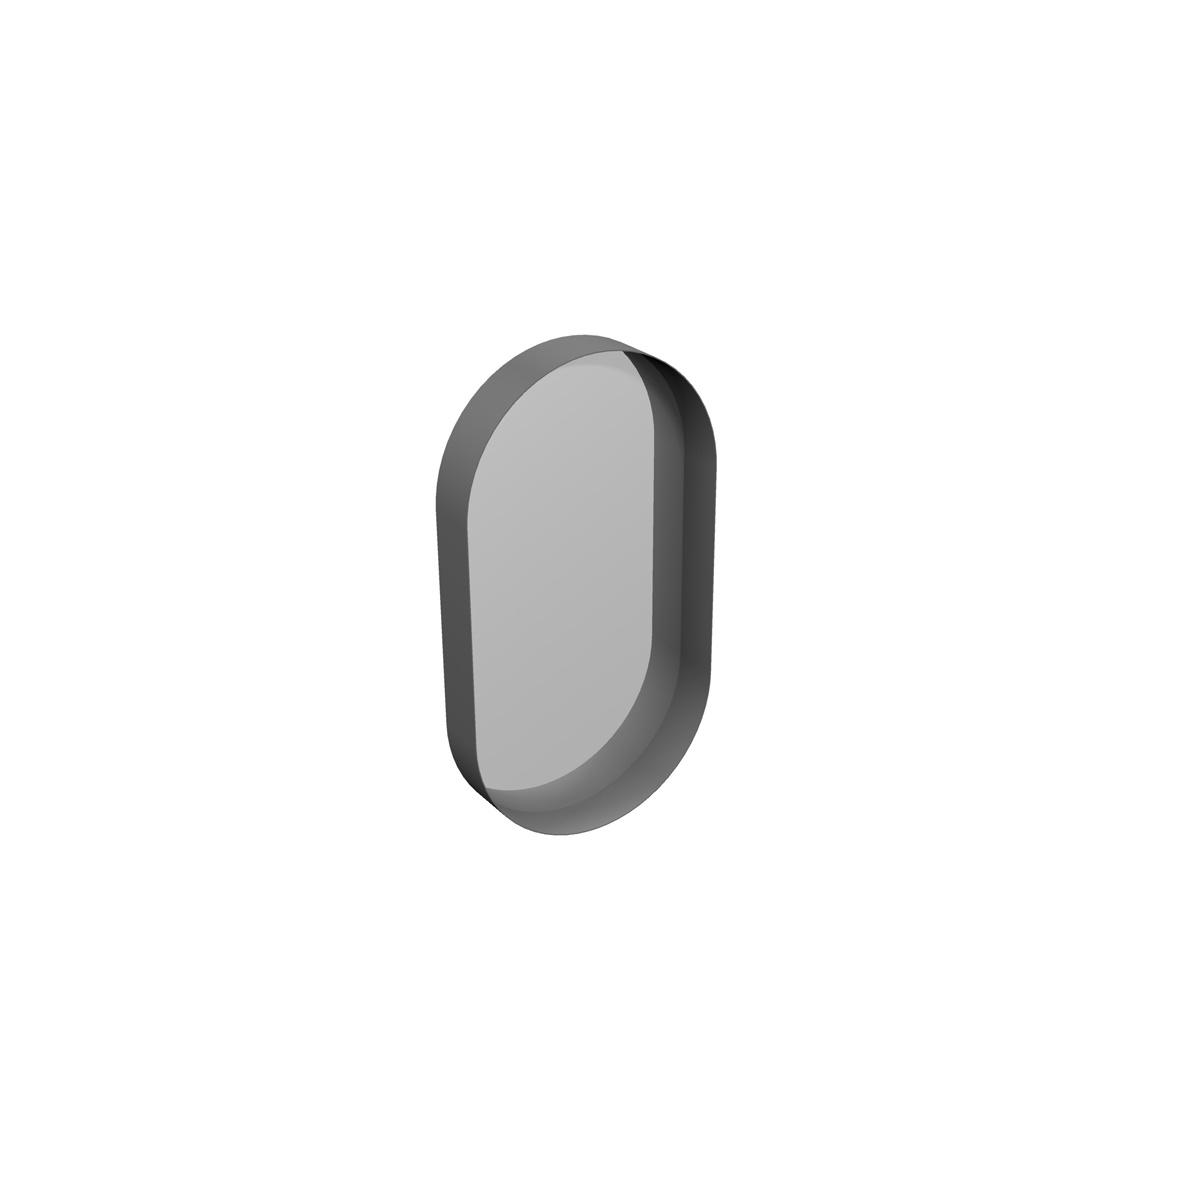 ABLE Spiegel ohne Regale, Horizontal / Vertikal